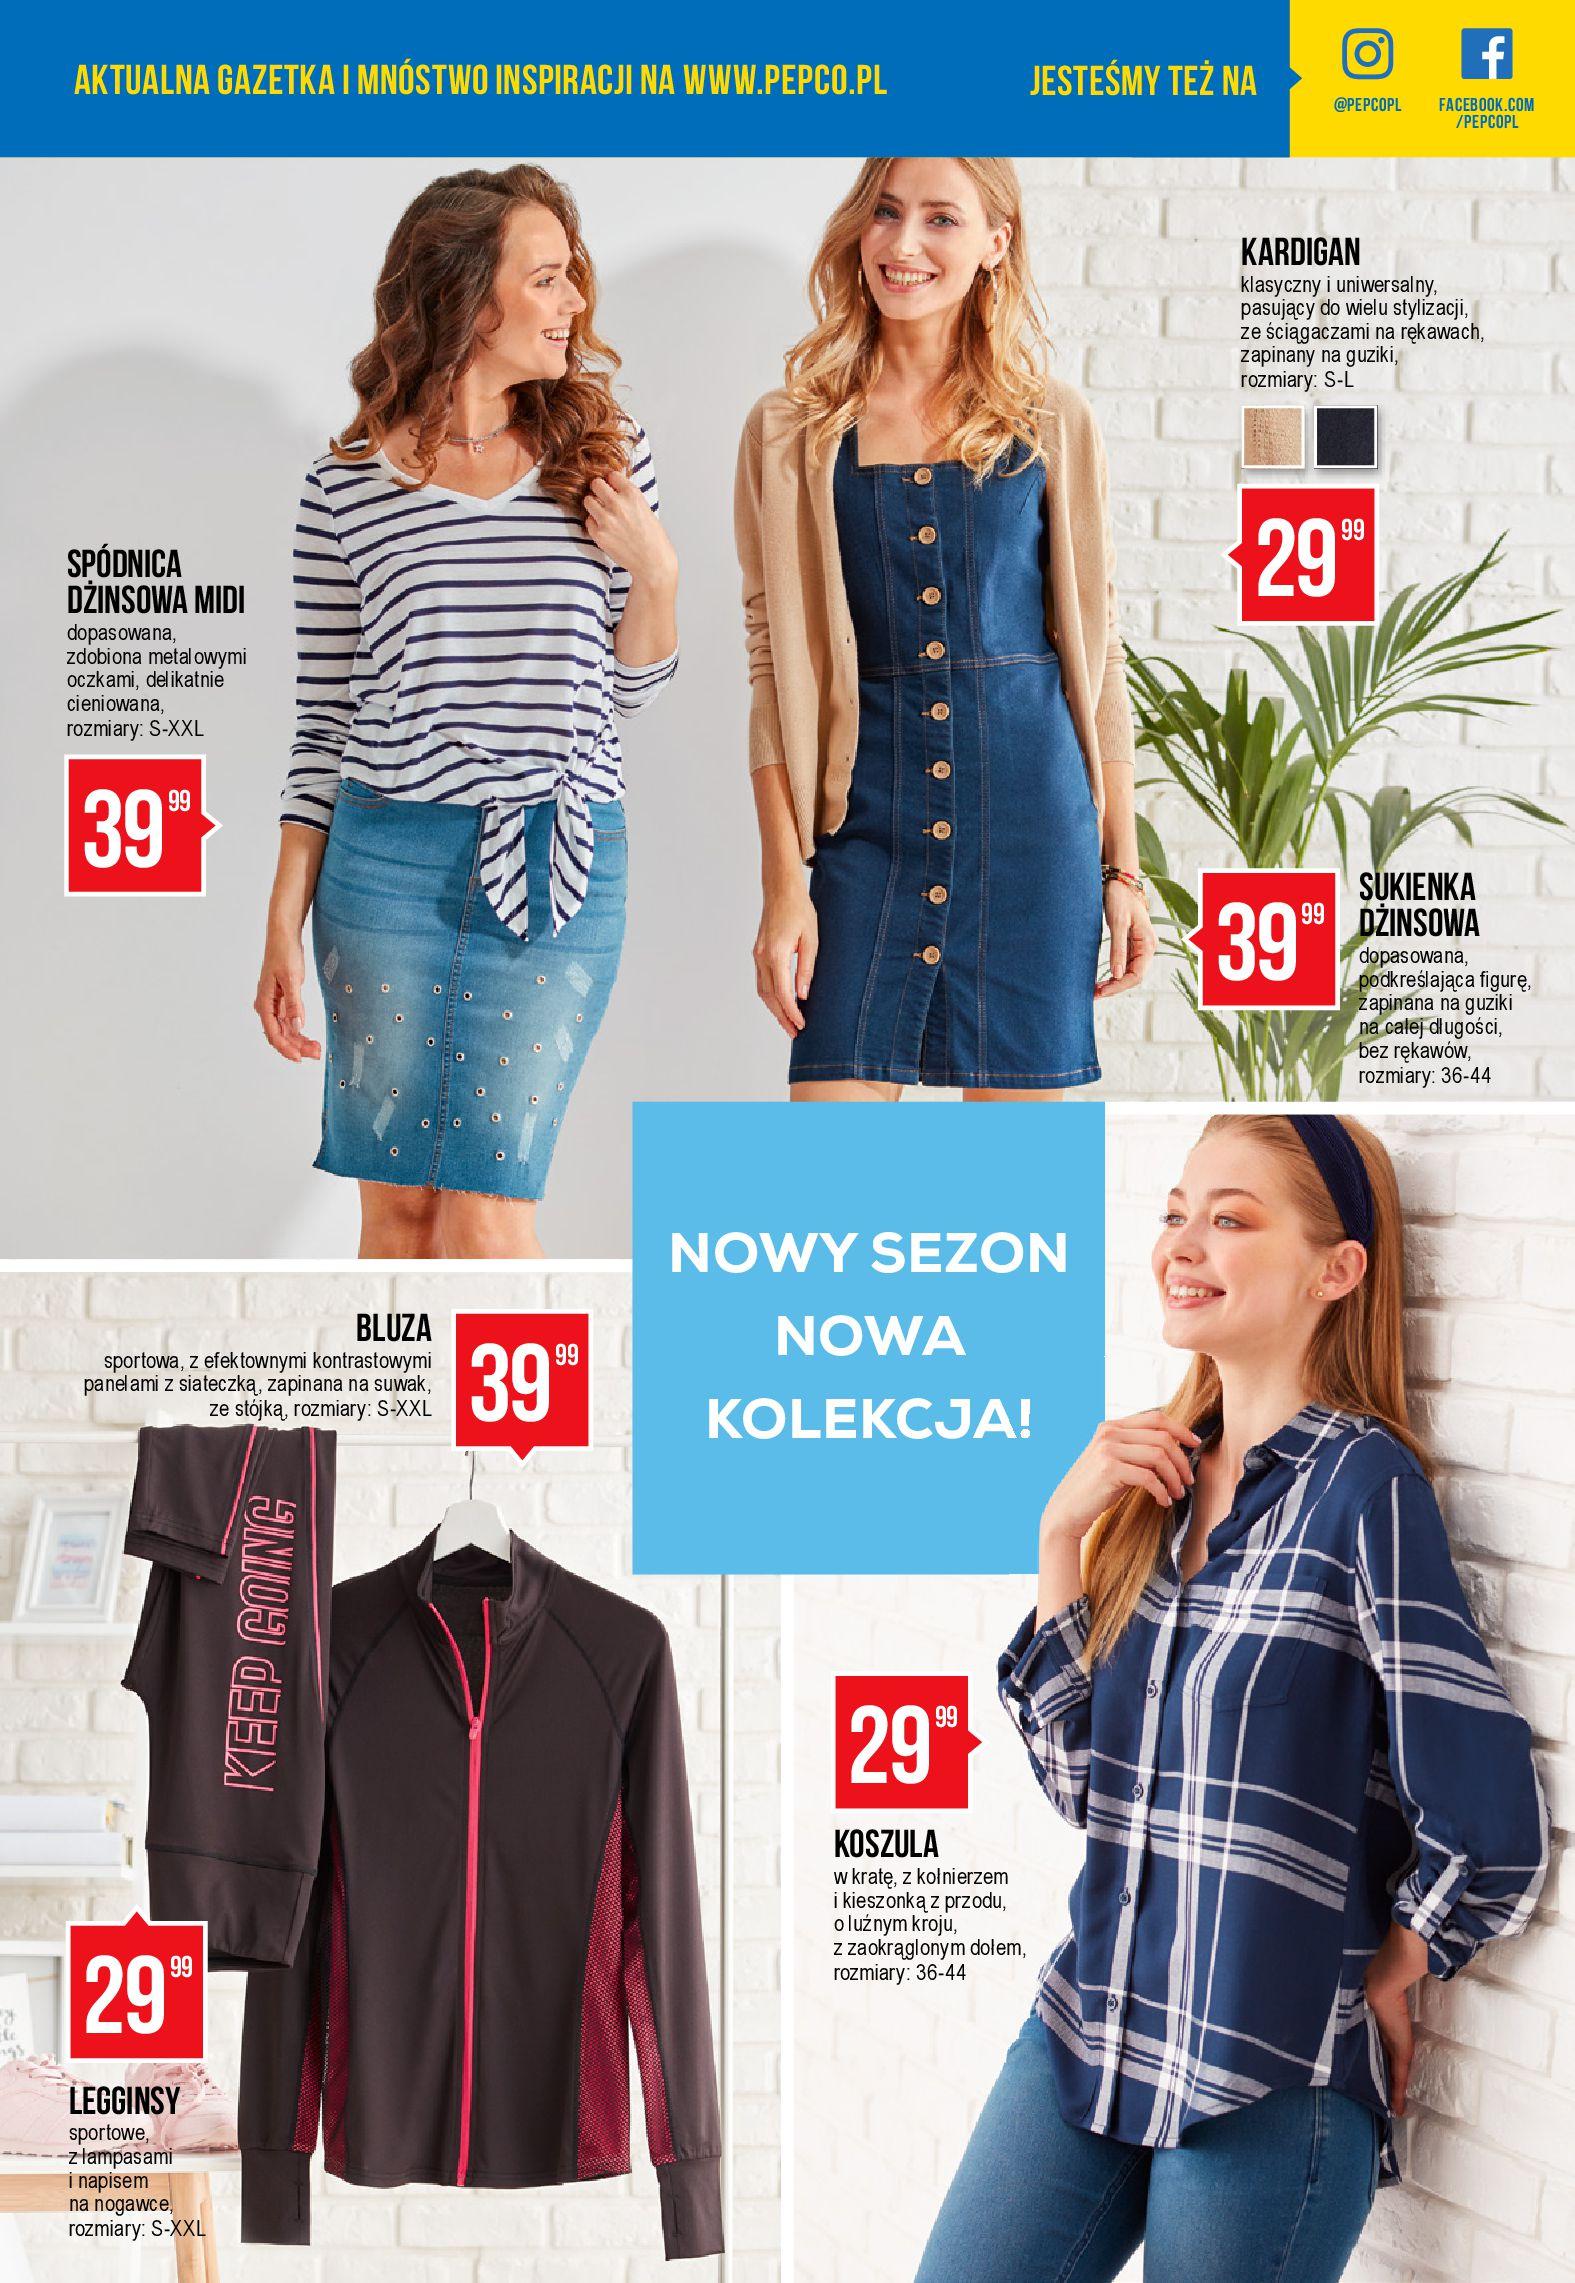 Gazetka Pepco - Oferta promocyjna-28.08.2019-11.09.2019-page-5